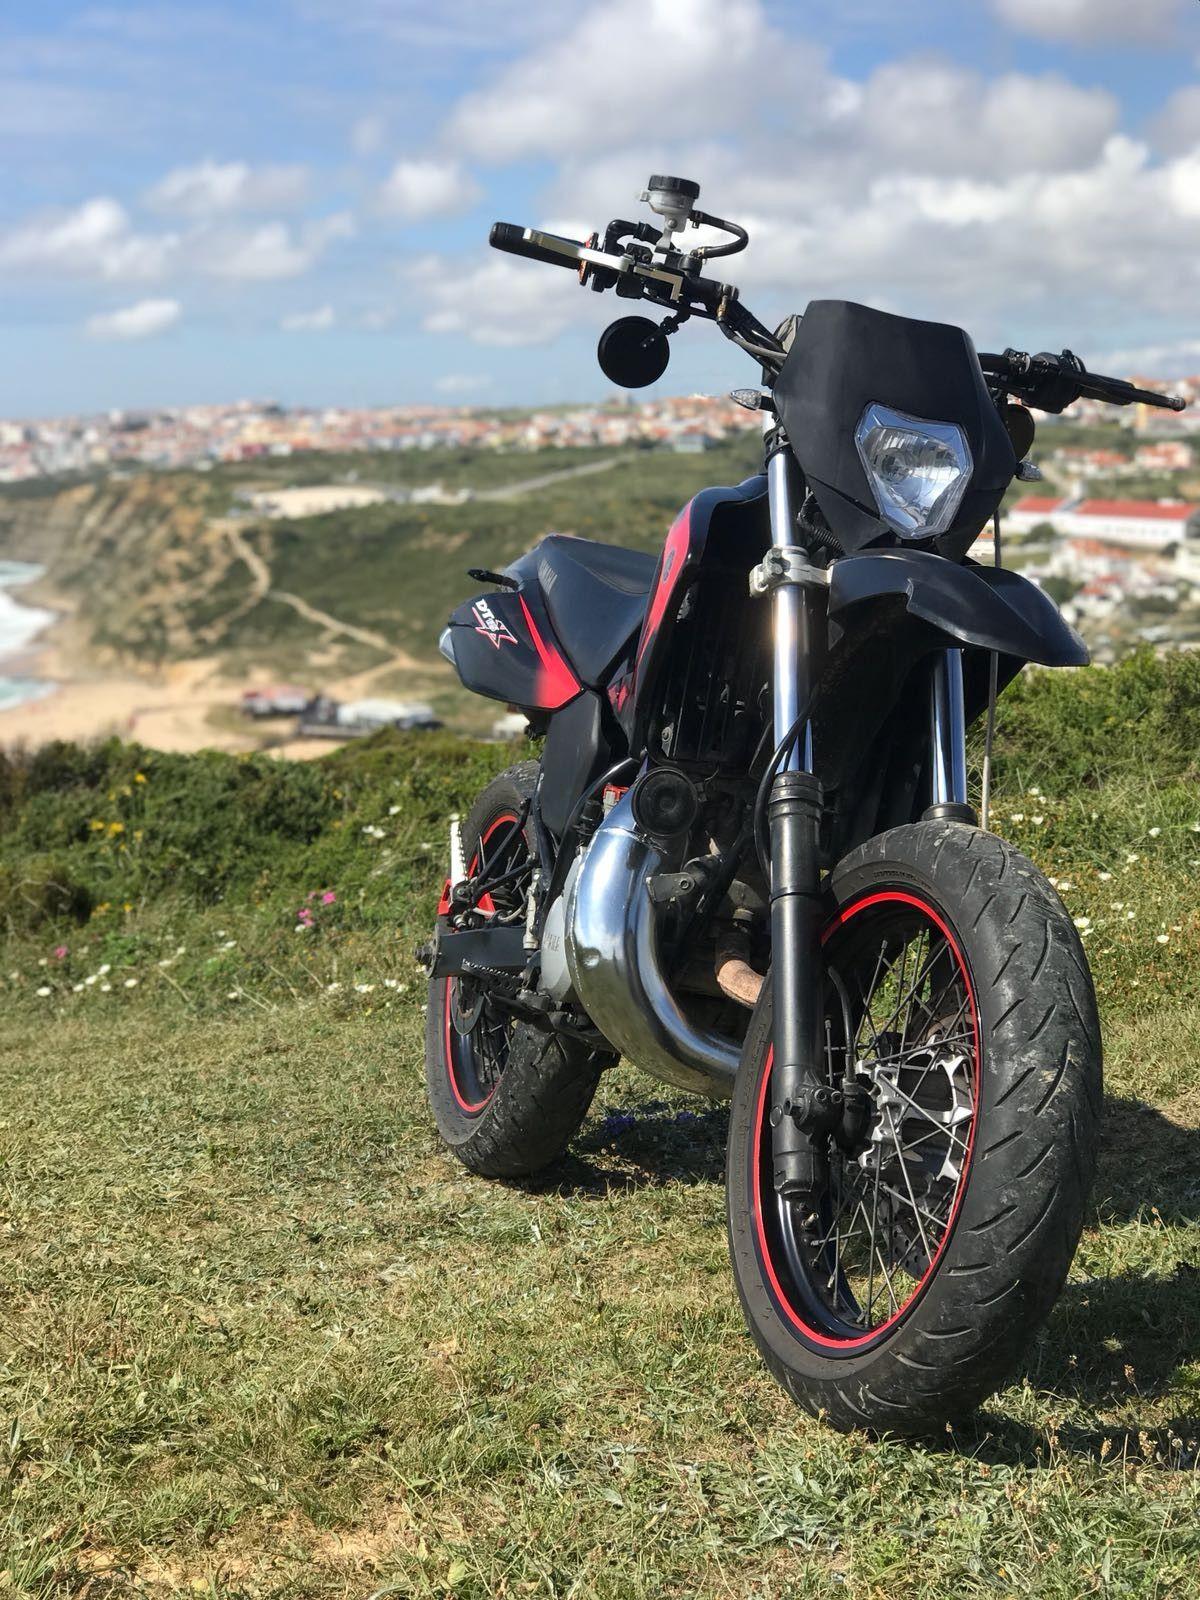 Yamaha Dtx125 Motos Bicicletas